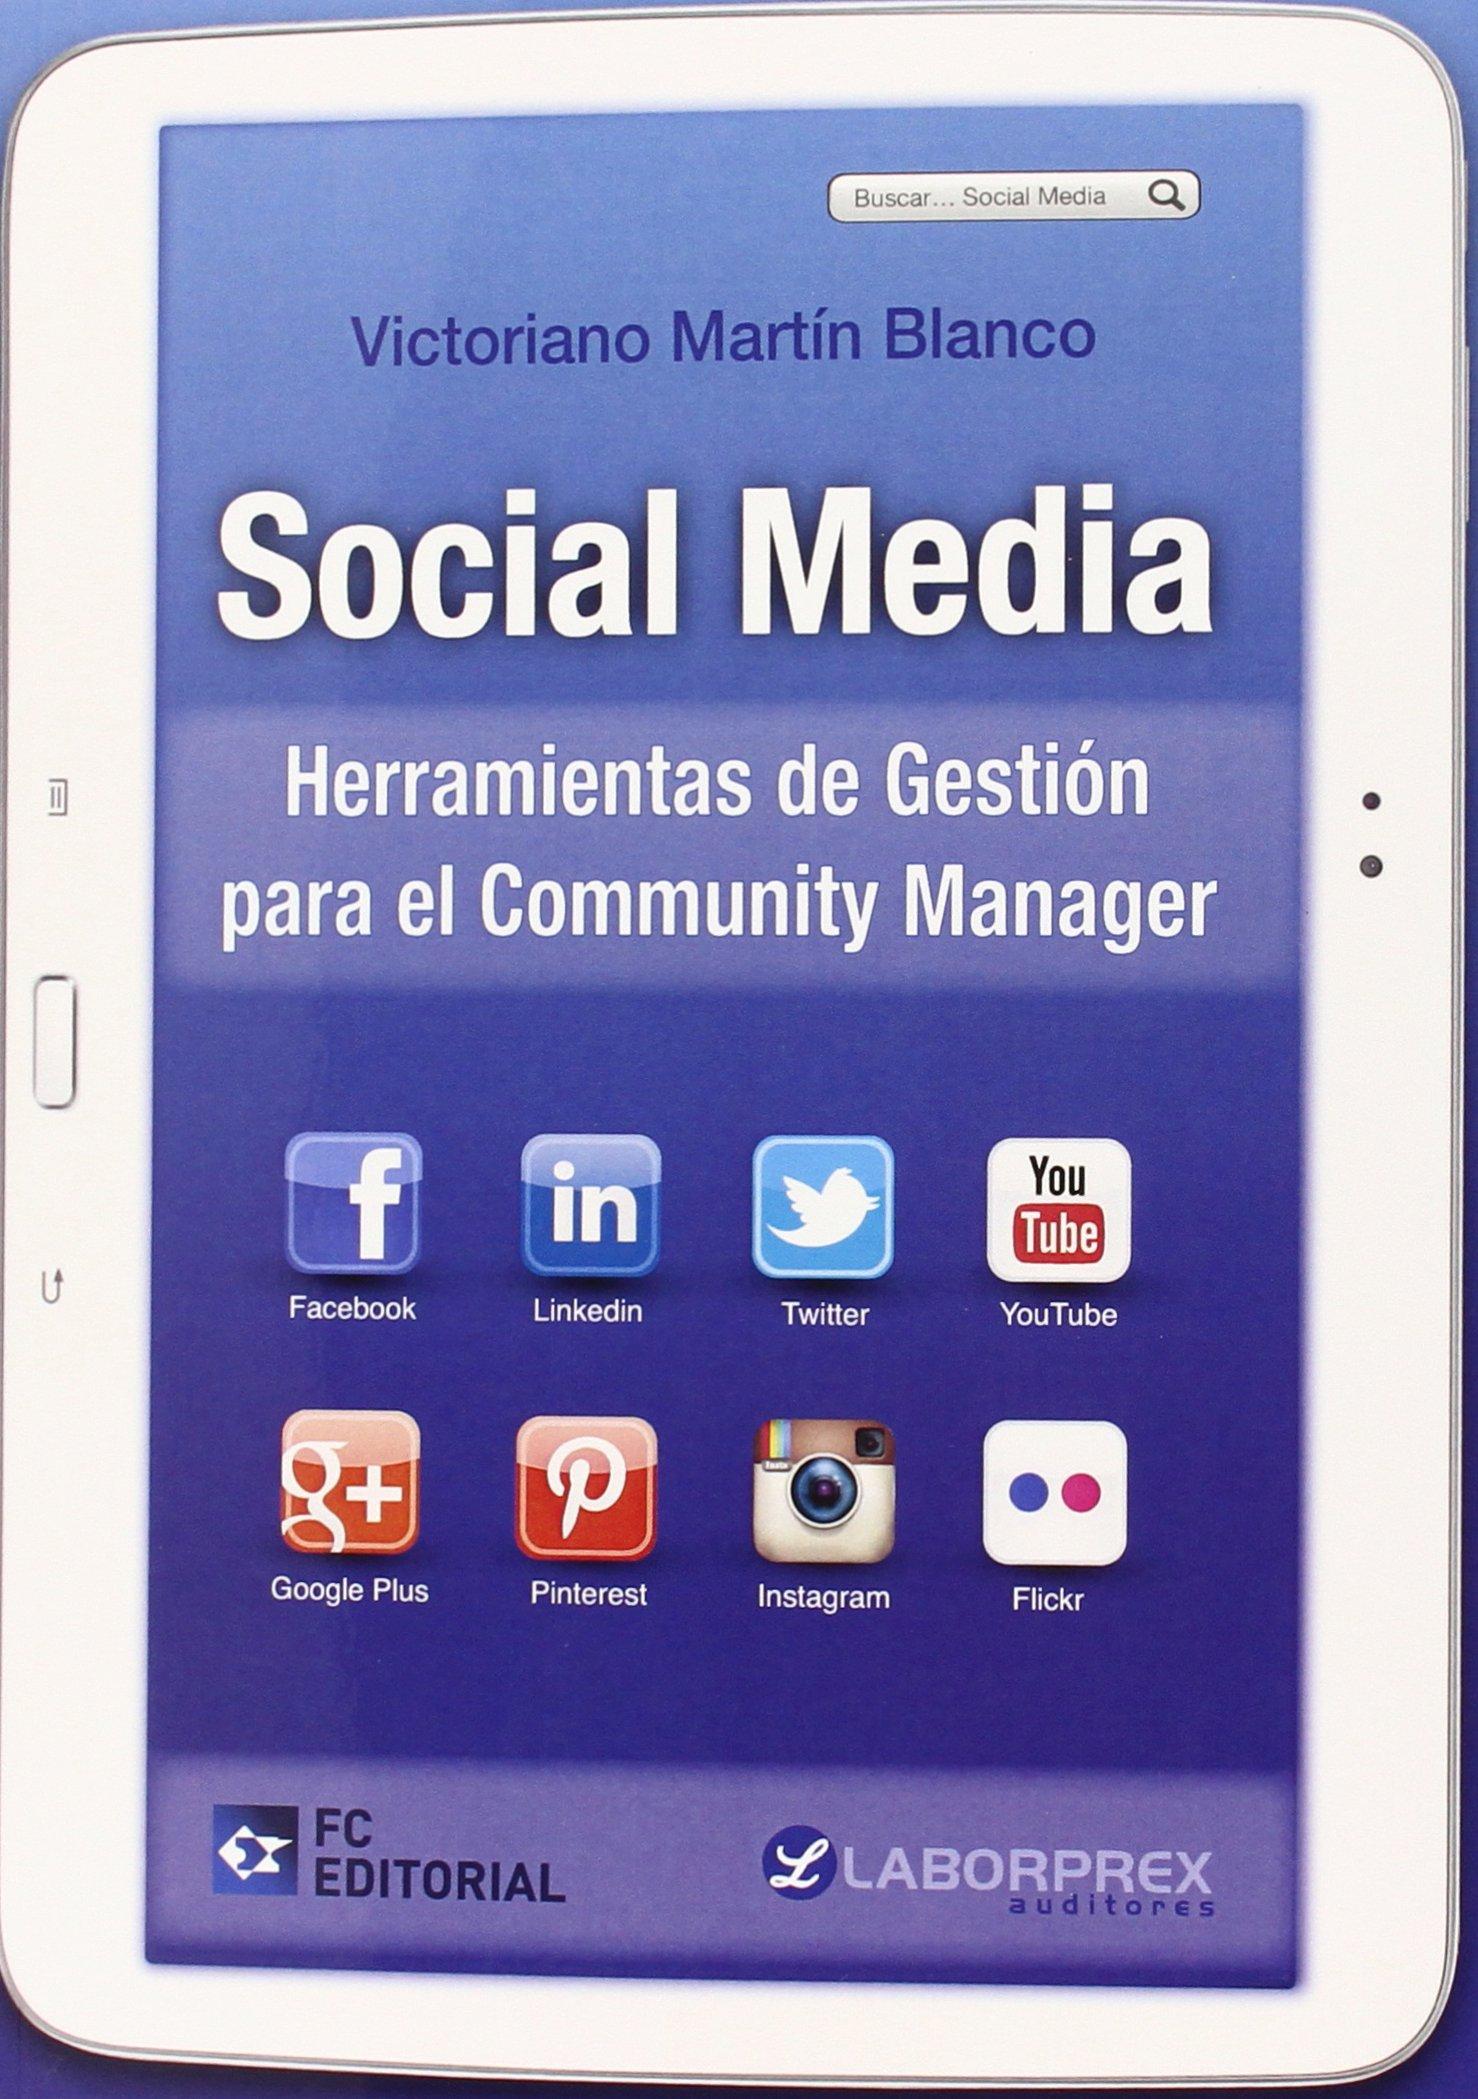 Social Media: Herramientas de Gestión para el Community Manager: Amazon.es: Victoriano Martín Blanco: Libros